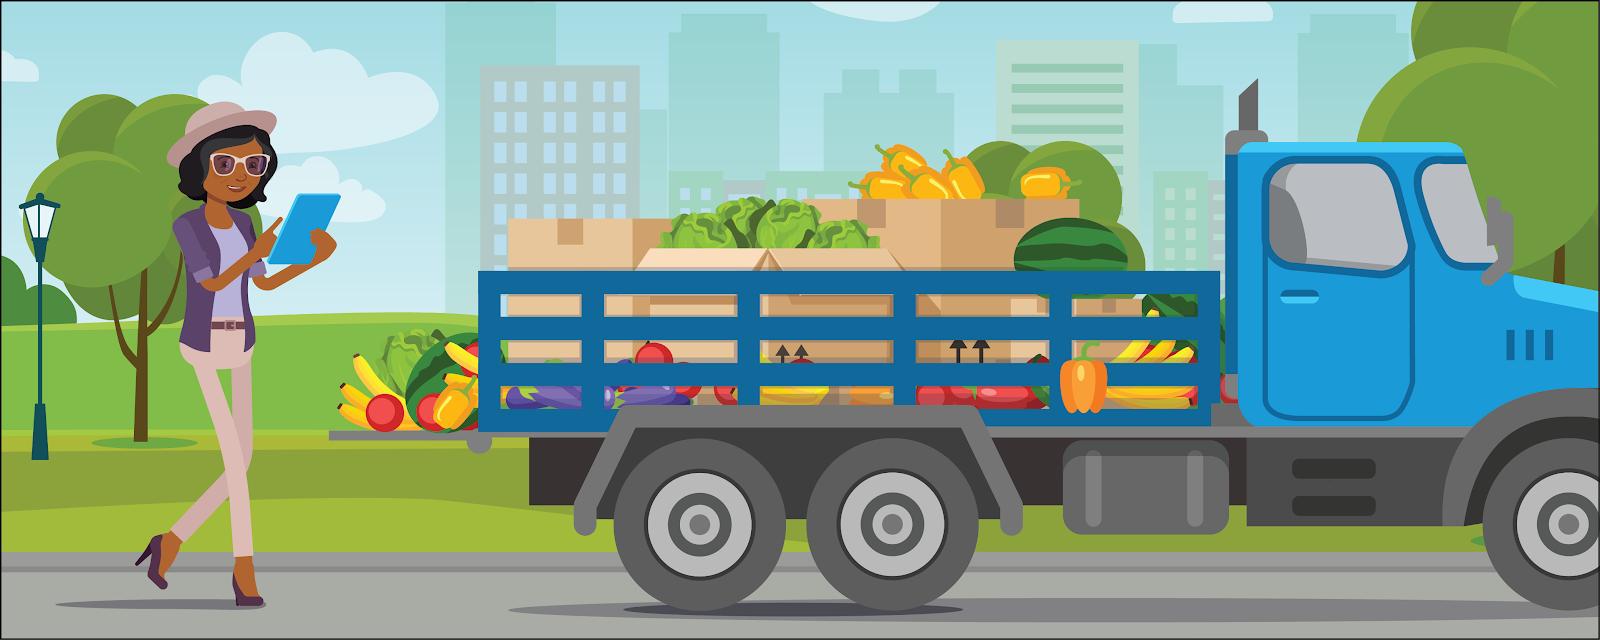 スーパーマーケットのトラックからの寄贈品搬入を監督している Tasha。